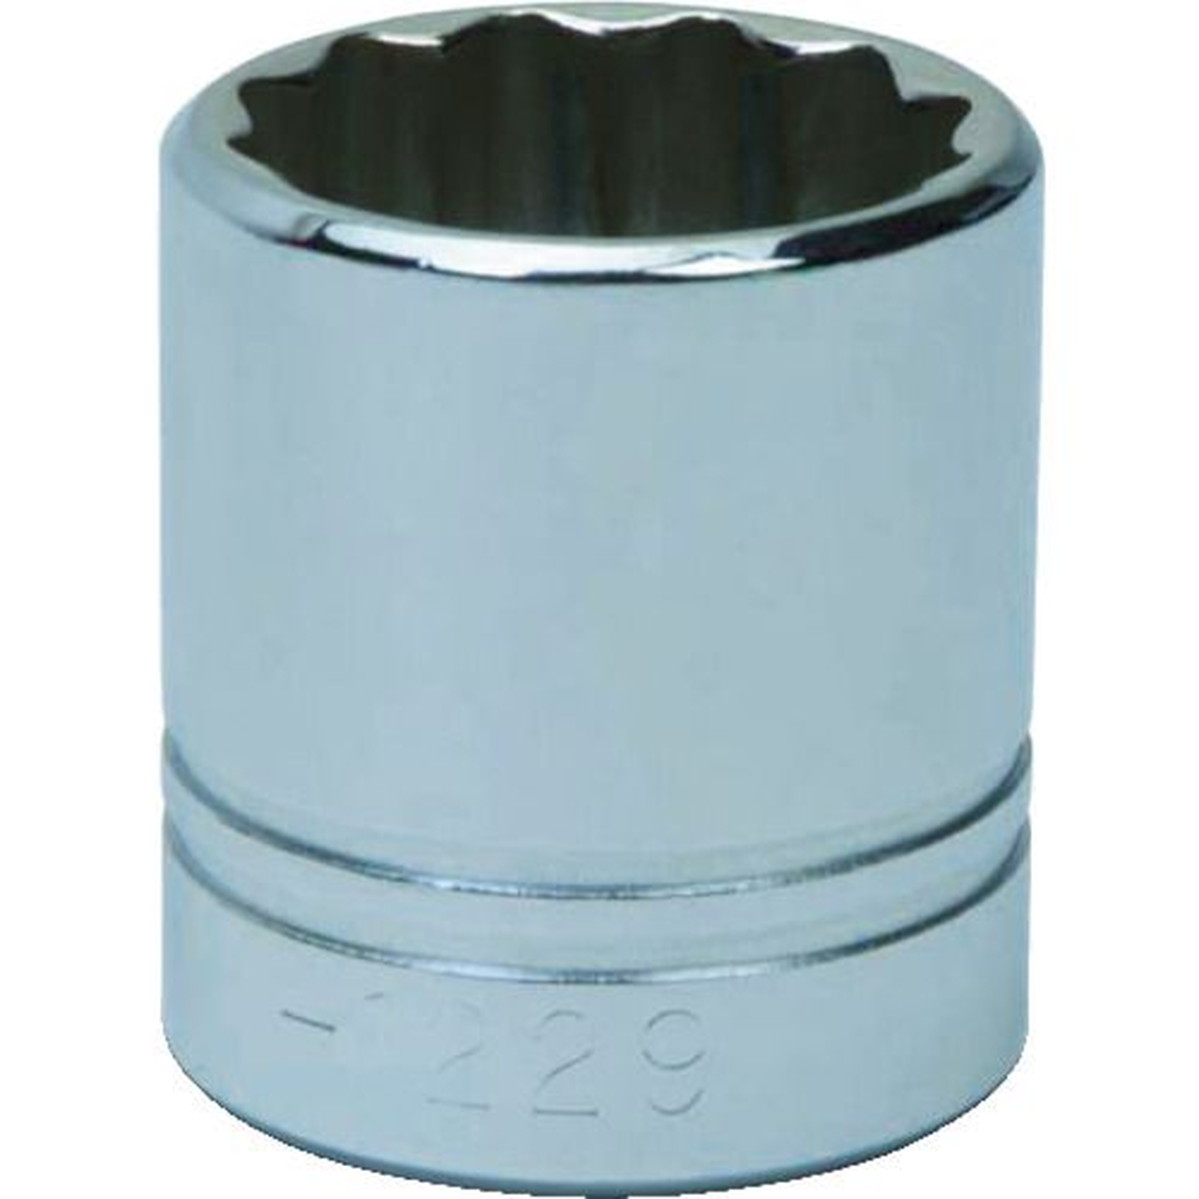 春のコレクション WILLIAMS 1/2ドライブ 36mm ソケット 12角 12角 36mm WILLIAMS 1個, お仏壇の花結:3c2270e6 --- kventurepartners.sakura.ne.jp